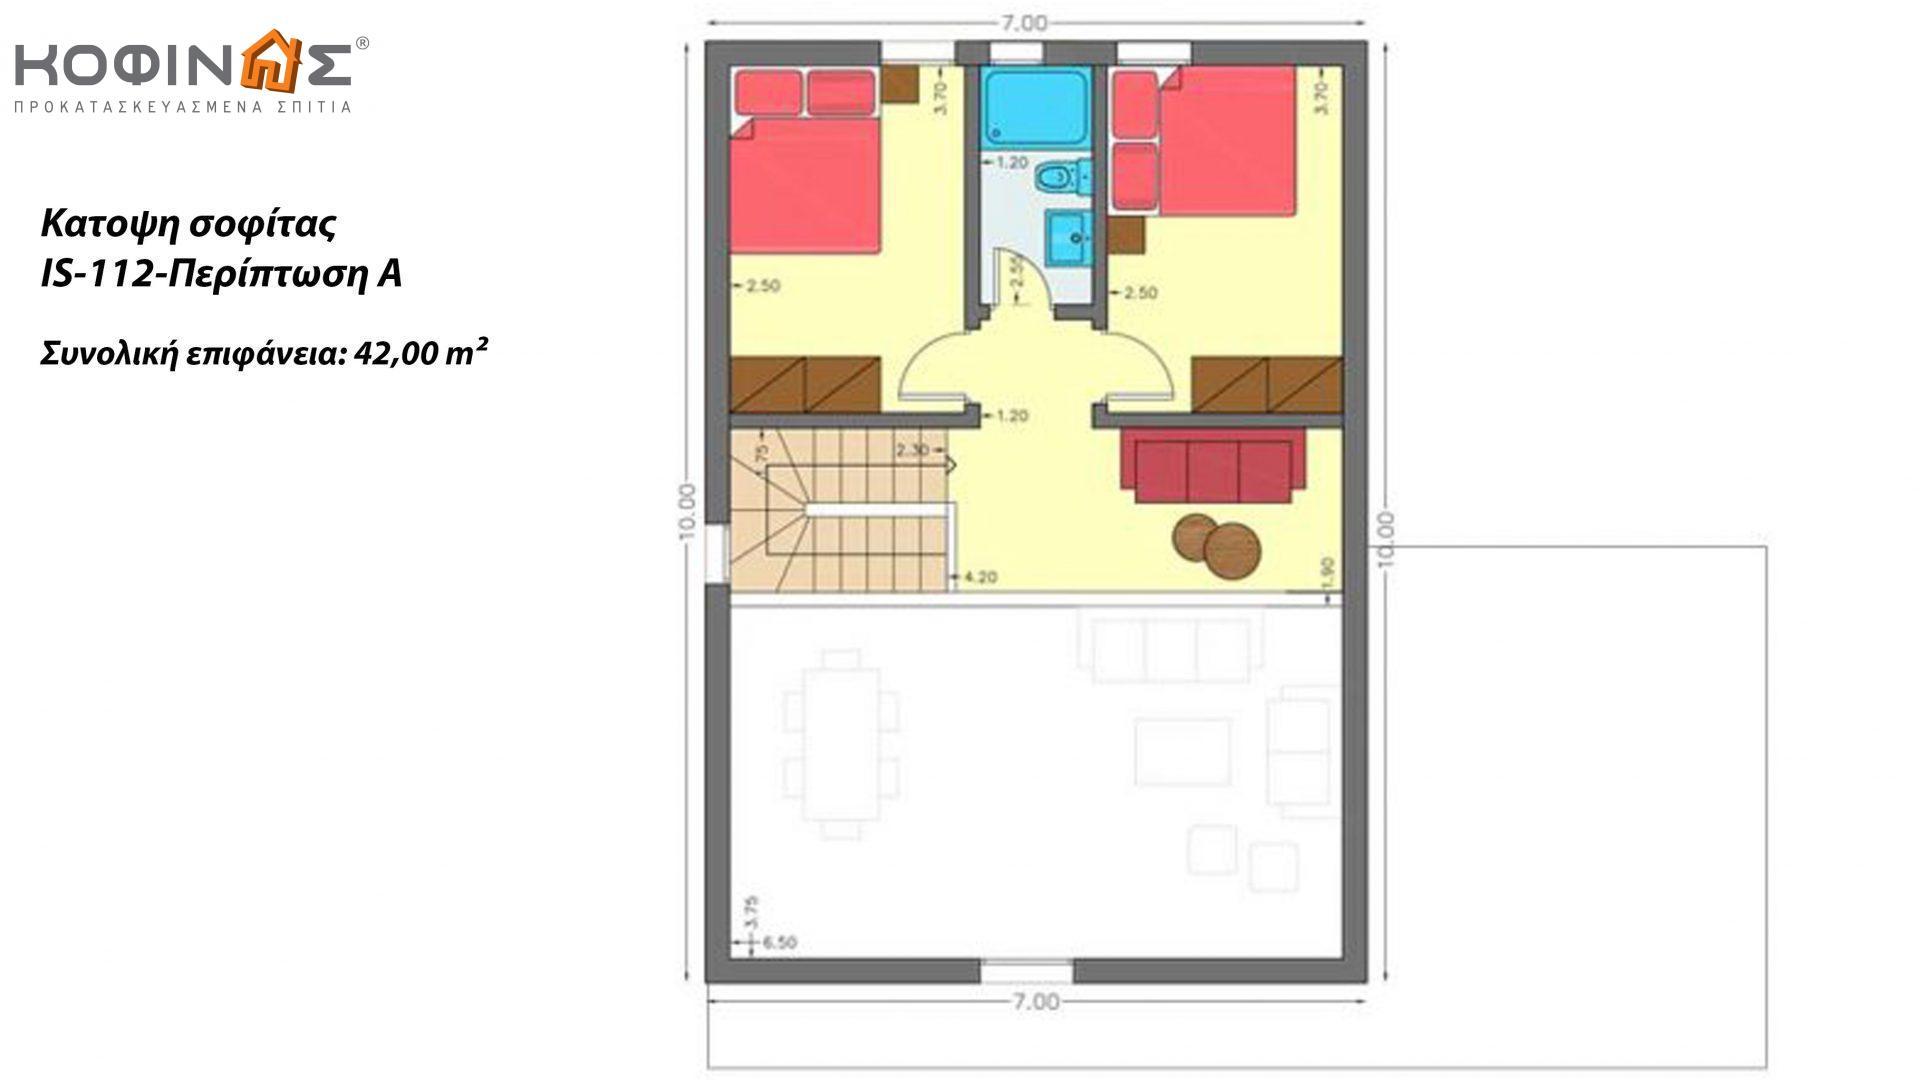 Ισόγεια Κατοικία με Σοφίτα IS-112, συνολικής επιφάνειας 112,00 τ.μ.